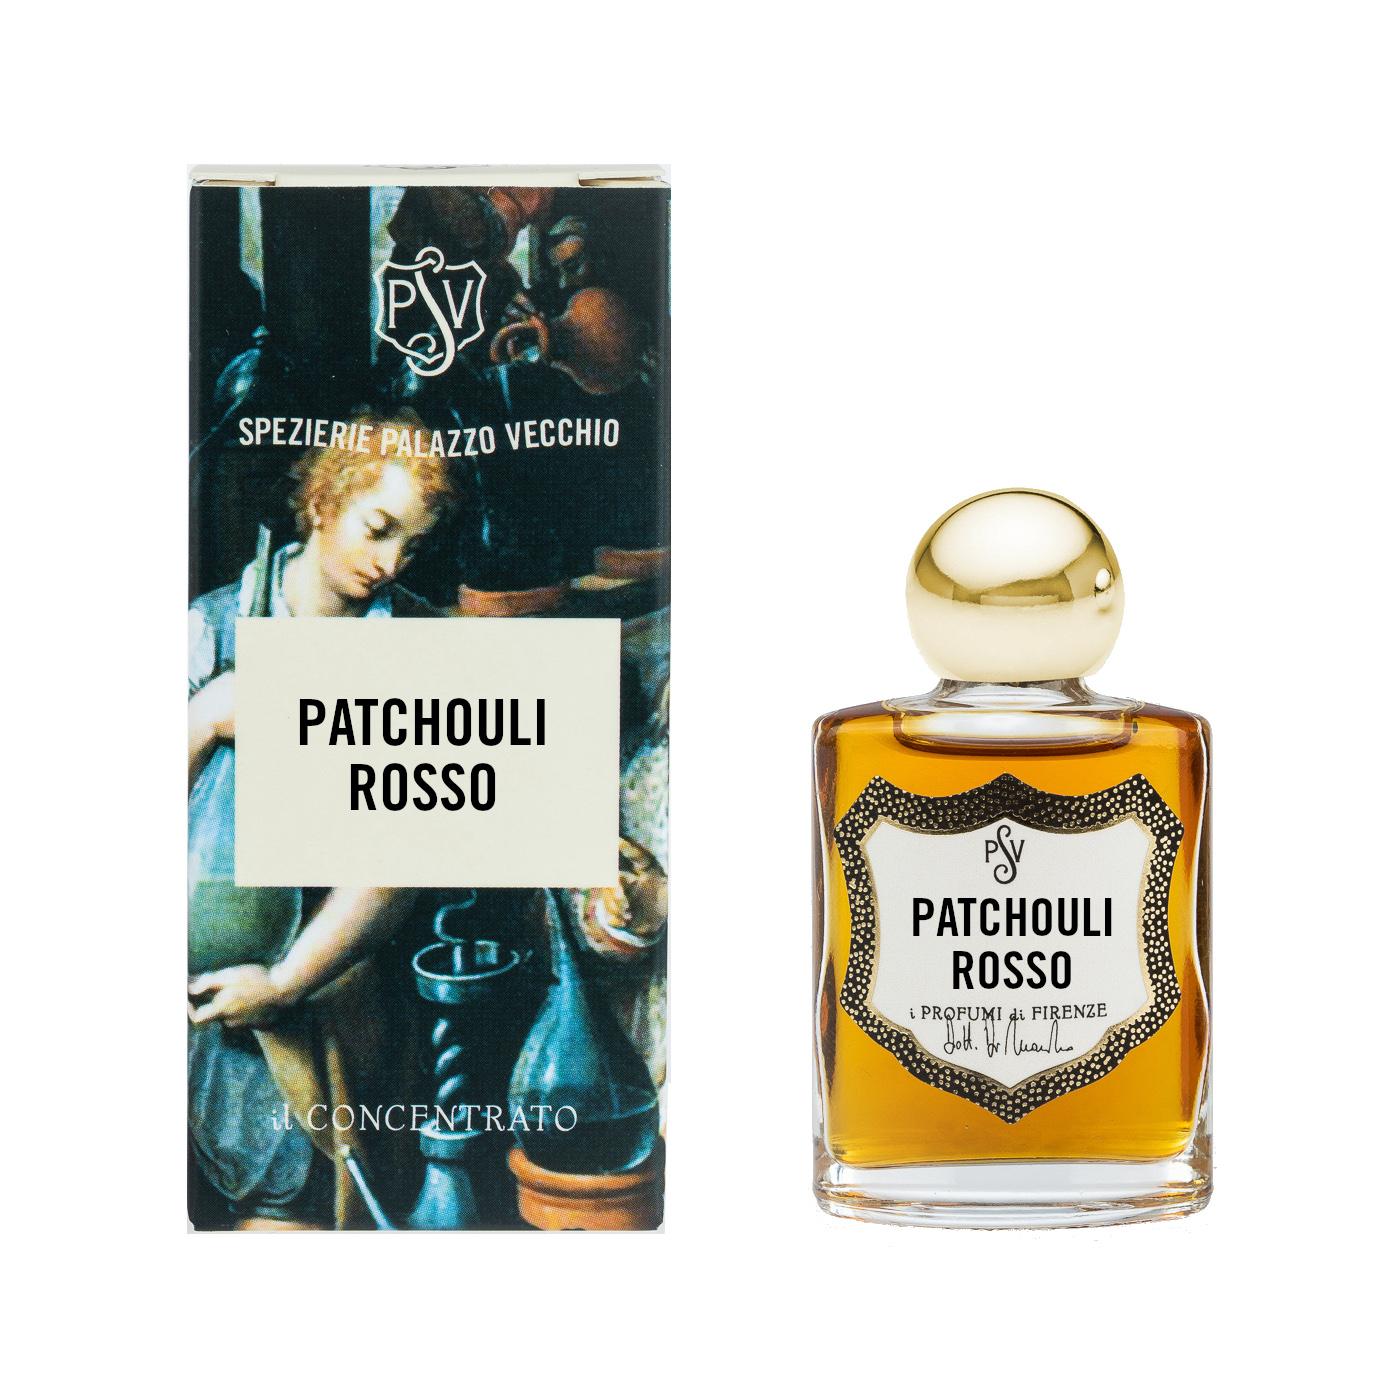 PATCHOULI ROSSO - Il Concentrato-3811